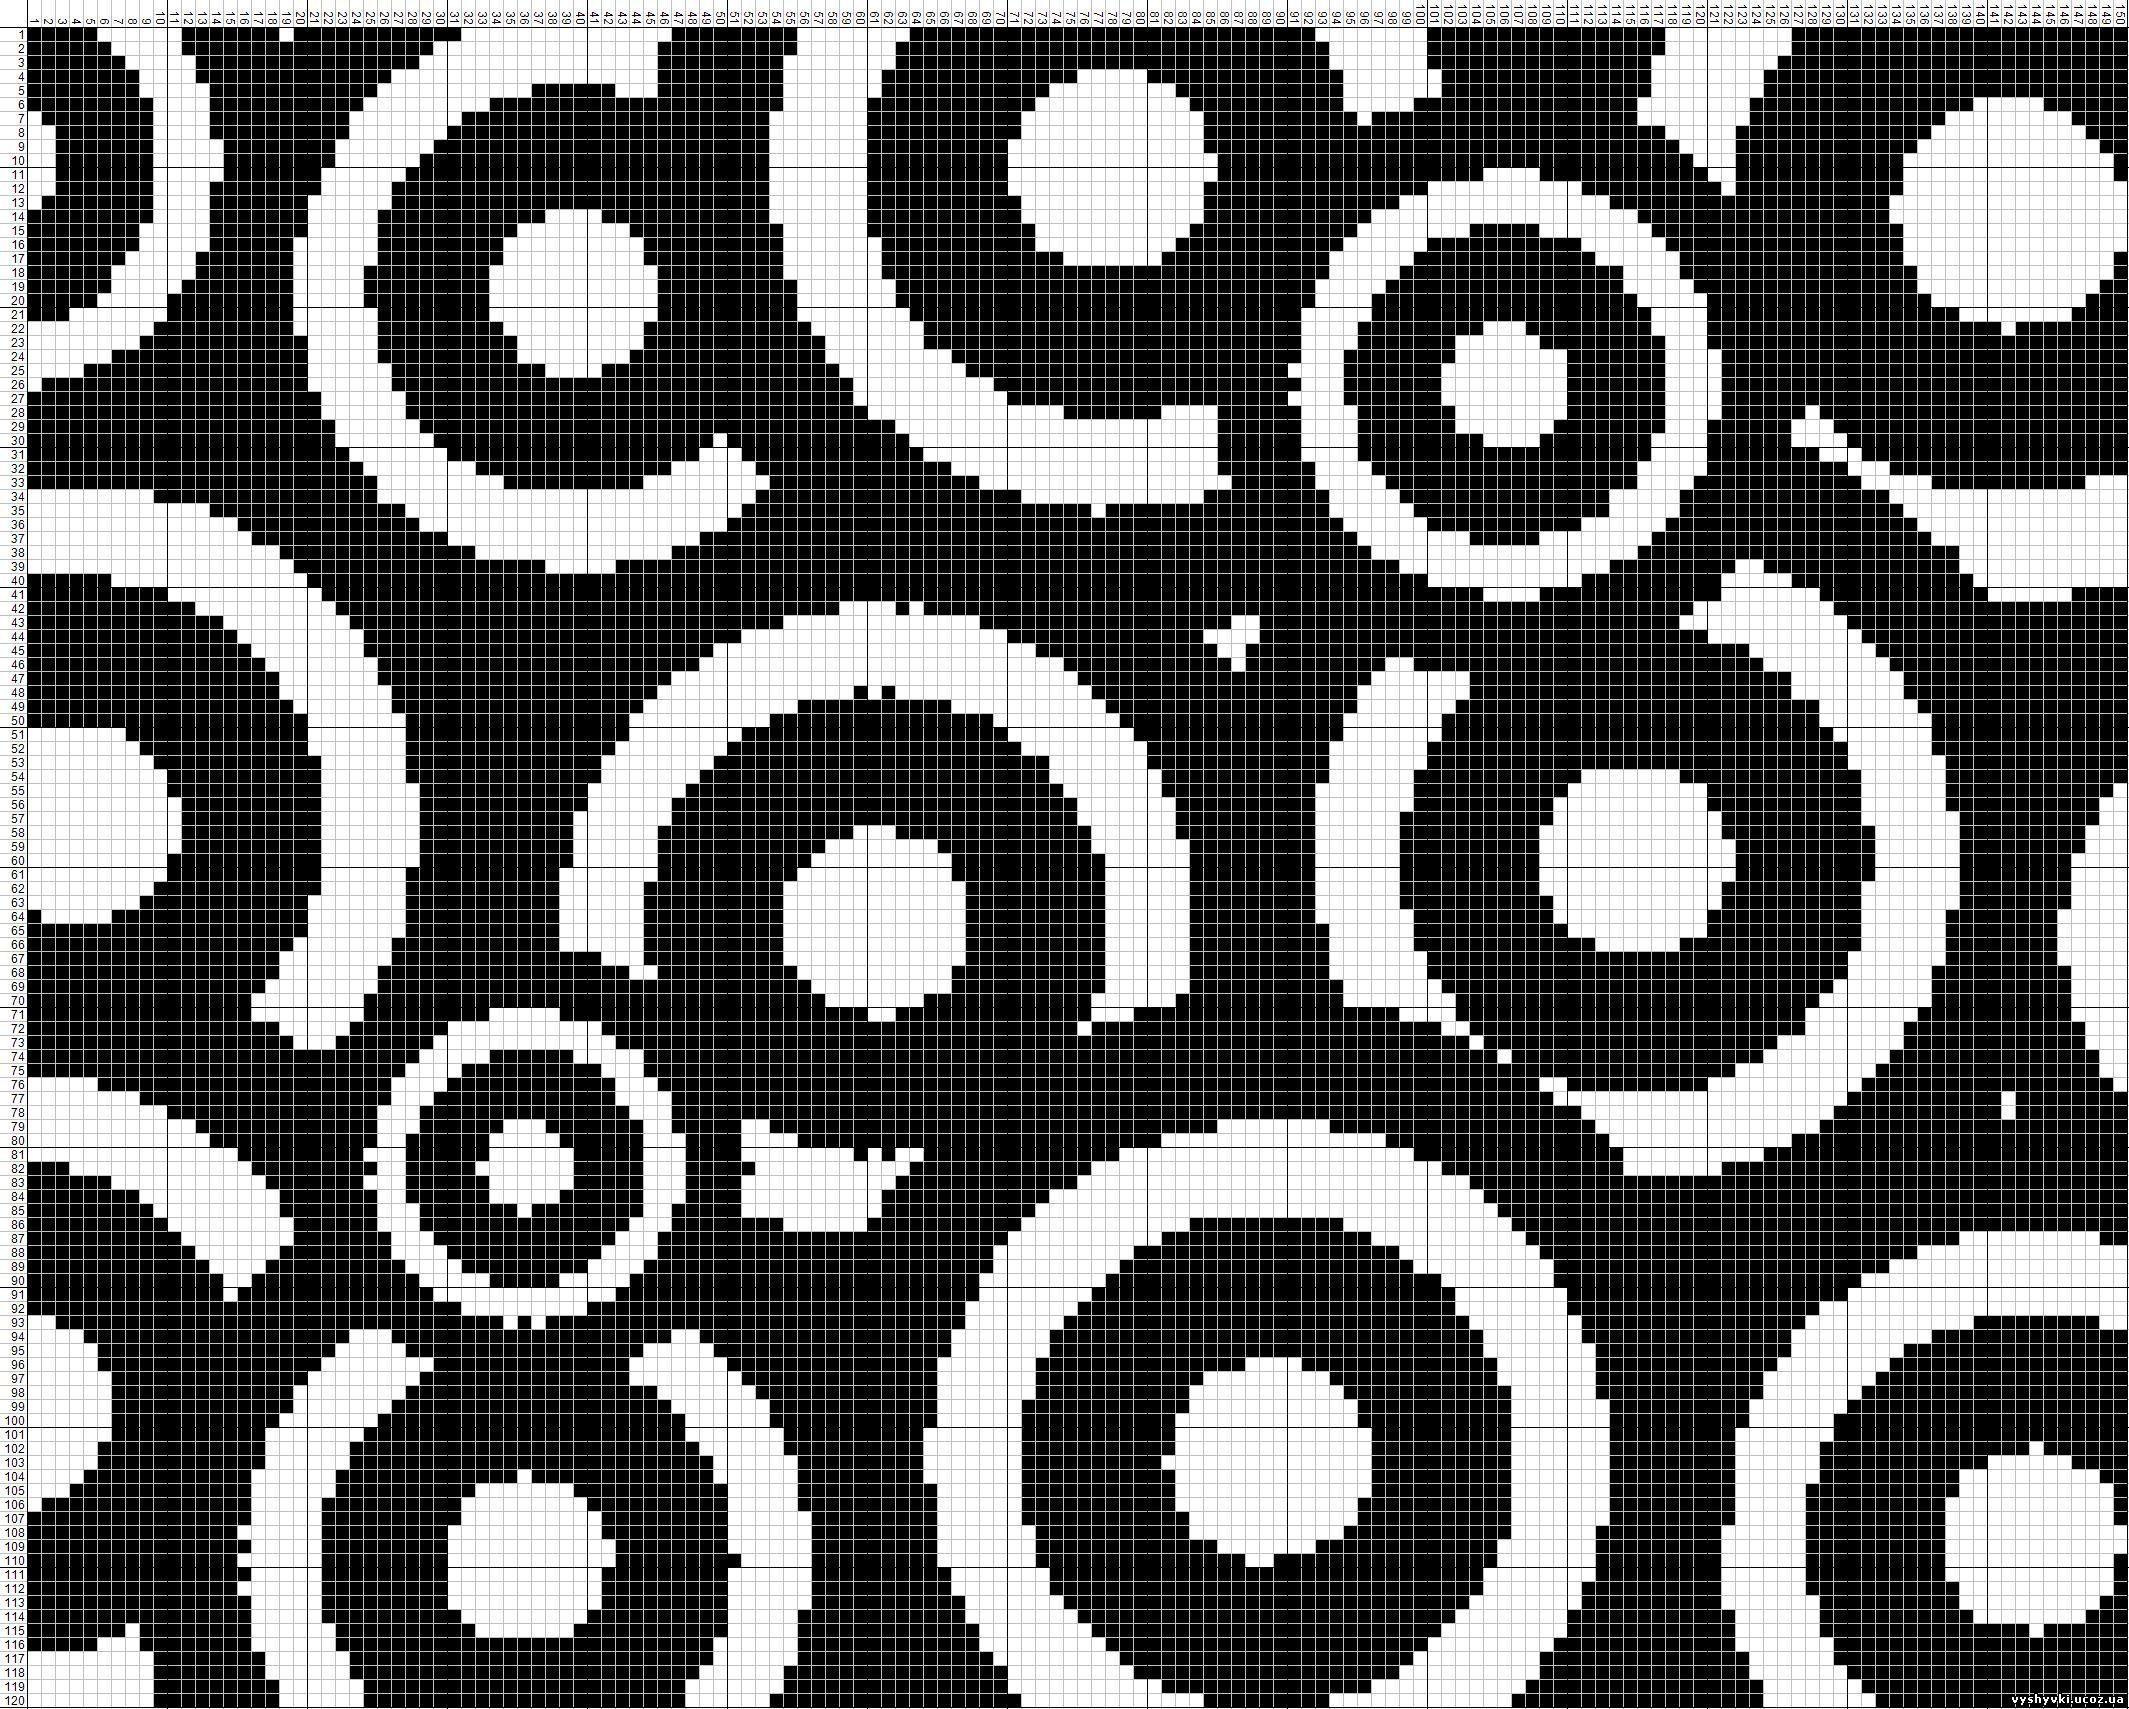 схемы вышивок монохром по тегам